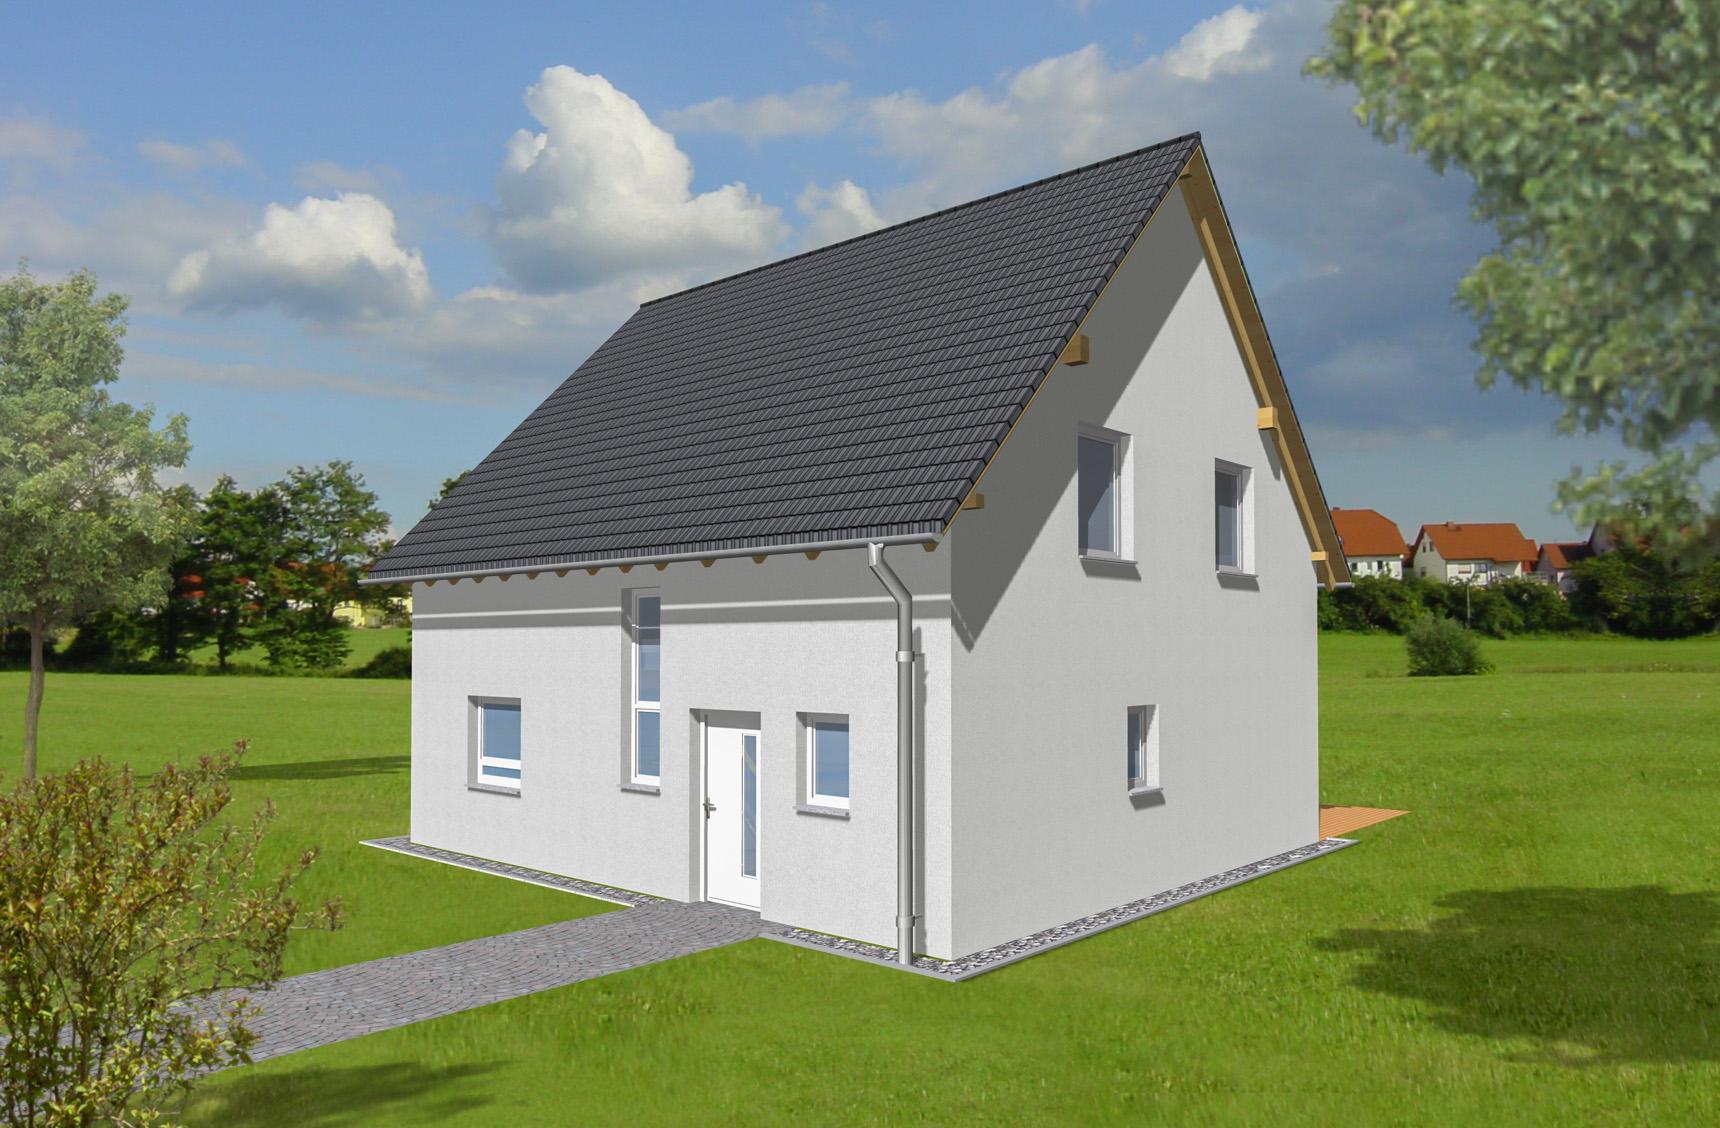 Typenhaus Becrux - ALG Massivhaus GmbH Eingangsansicht